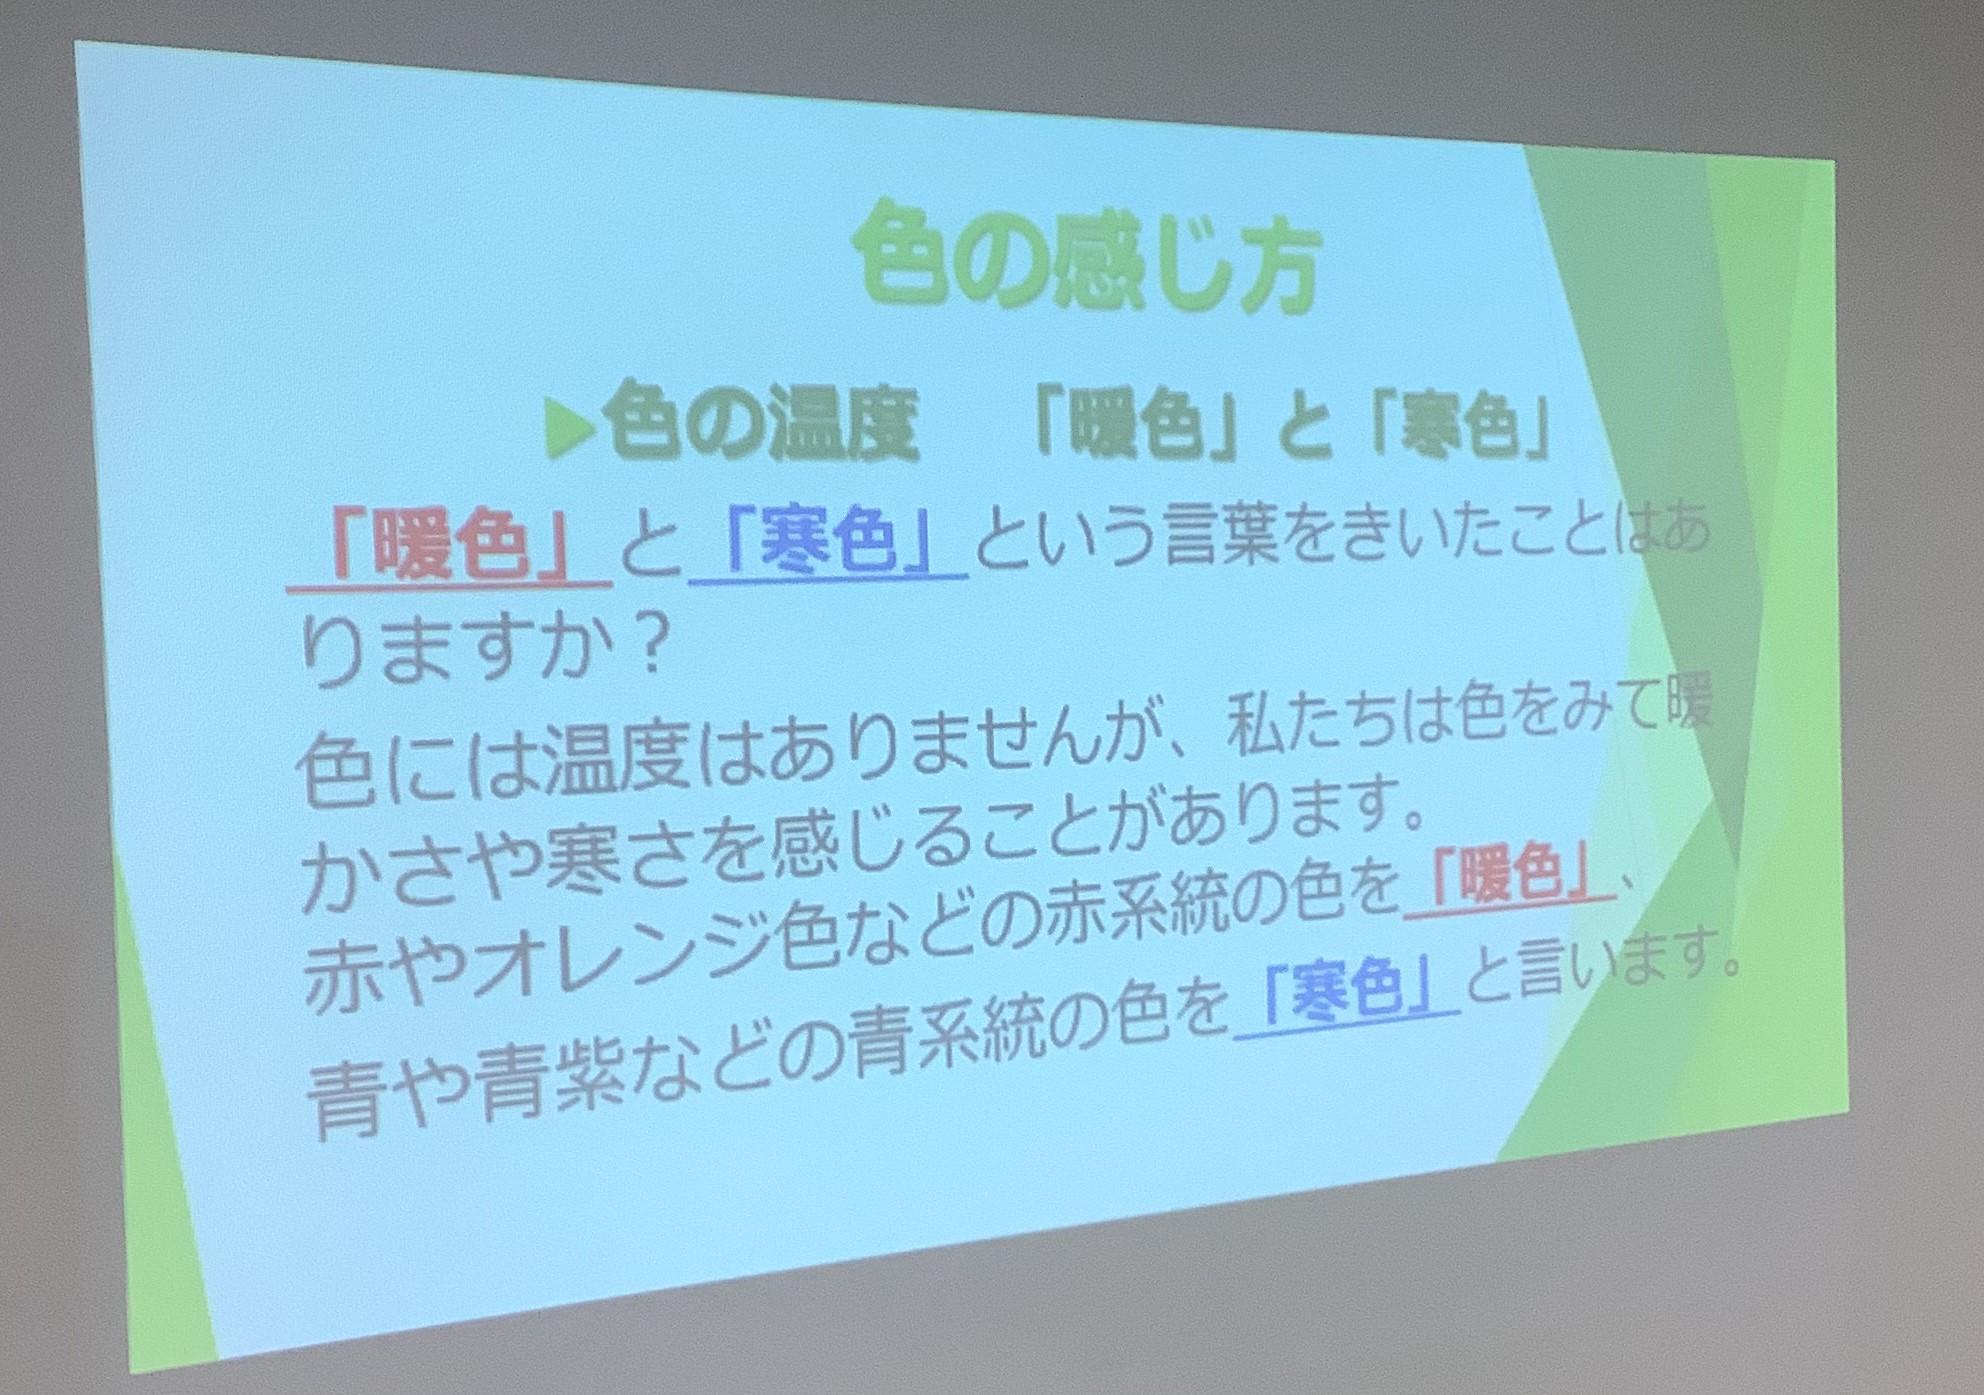 ウェルビー松戸第2センターsikisaisinrigaku